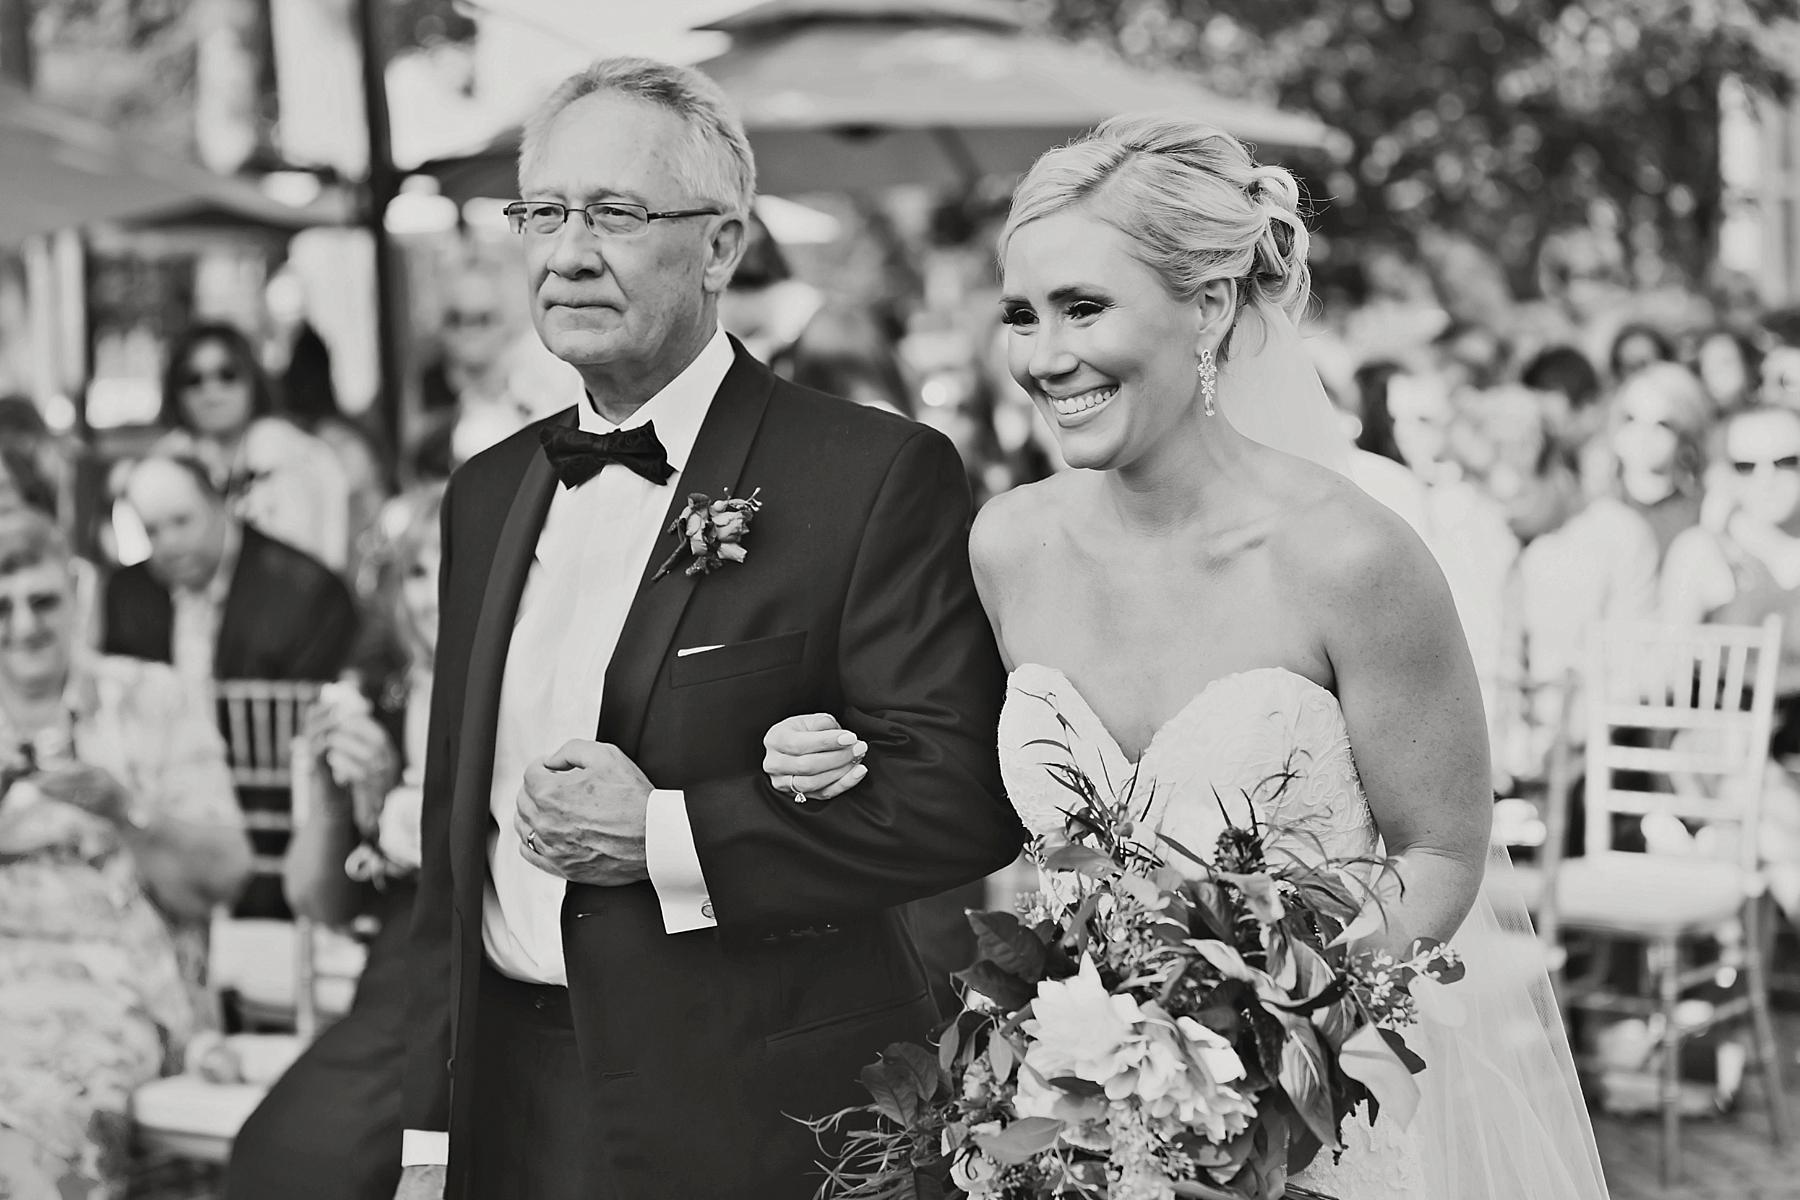 windsor-wedding-photographer-essex-golf-country-club-wedding-eryn-shea-photography_0025.jpg